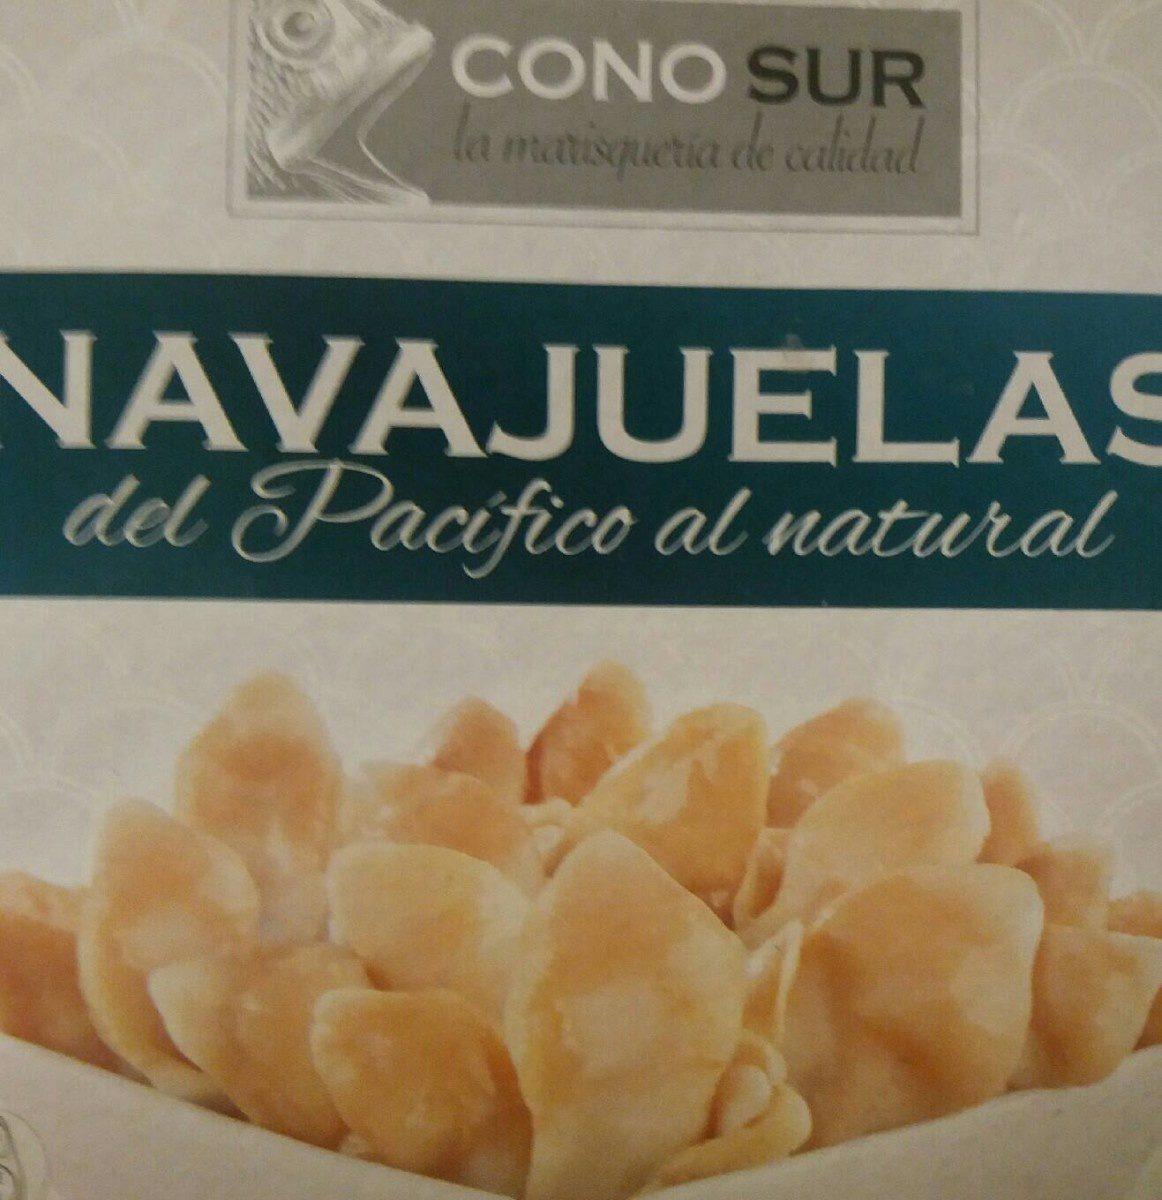 Navajuelas del pacífico al natural - Produit - fr